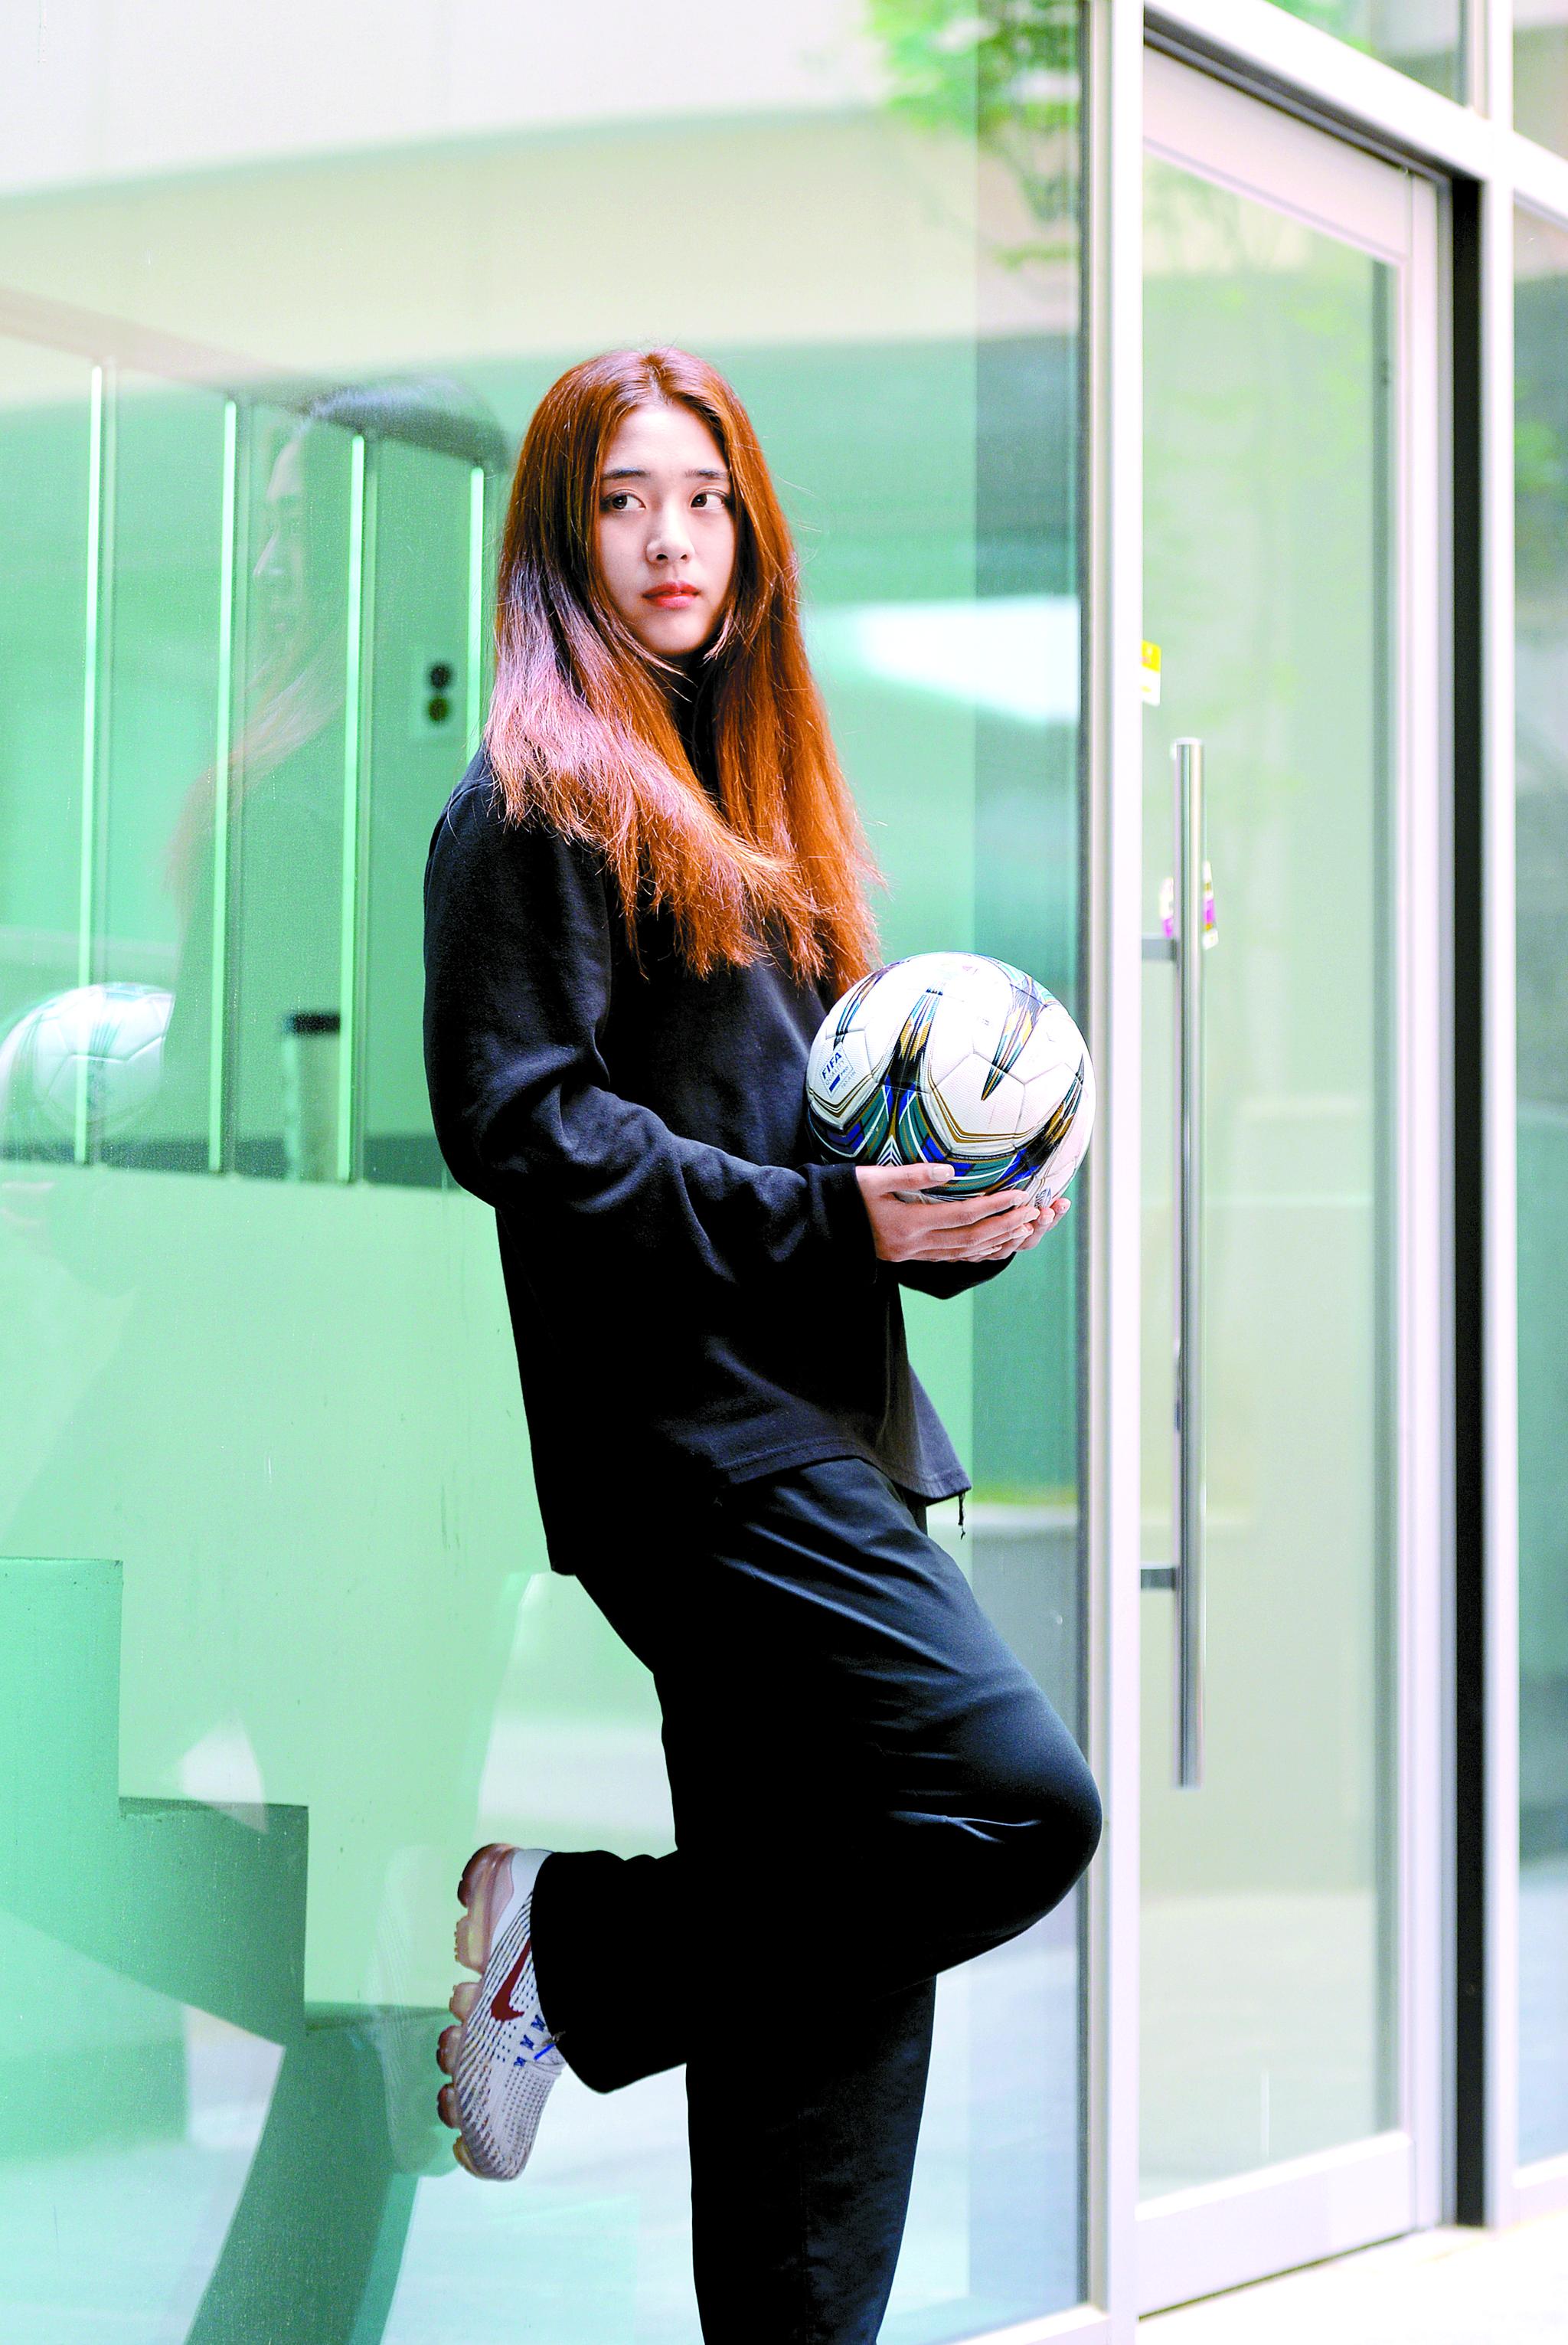 여자축구 스포츠토토 신인 수비수 강수진. 그의 목표는 남자 축구 레전드 안정환처럼 외모뿐 아니라 실력으로도 인정받는 것이다. 프리랜서 김성태